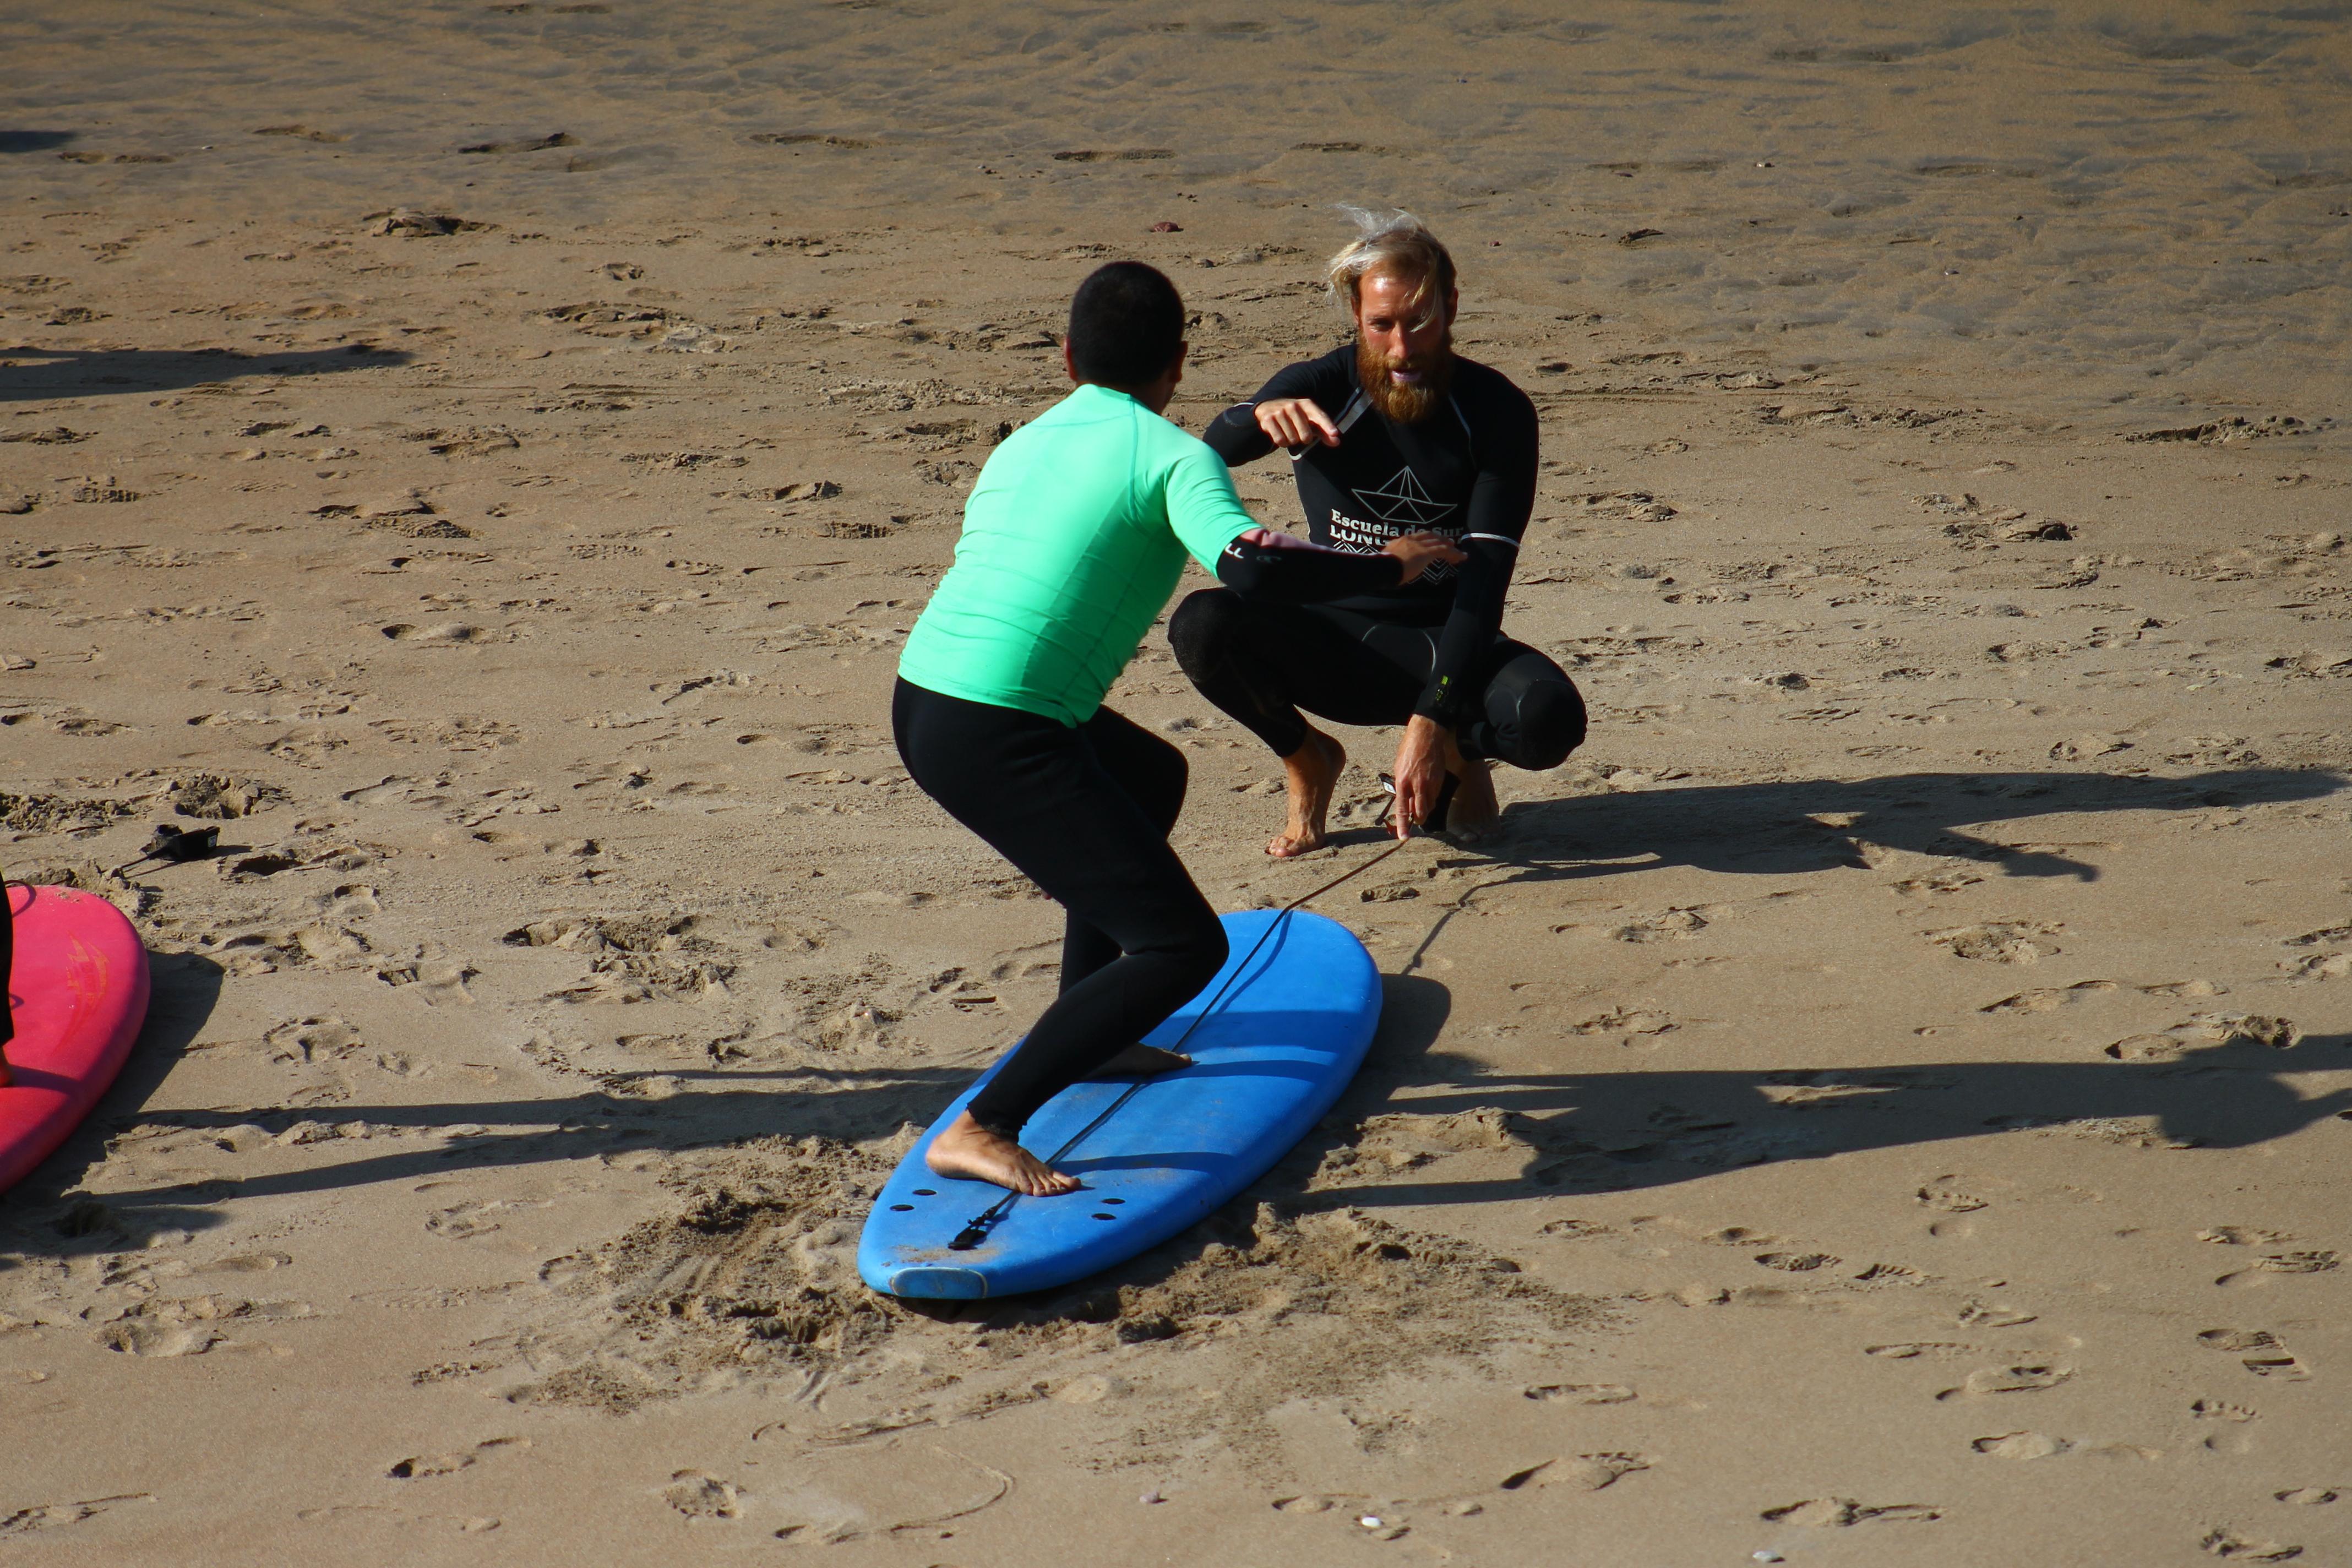 Escuela de surf camp longbeach 9.JPG